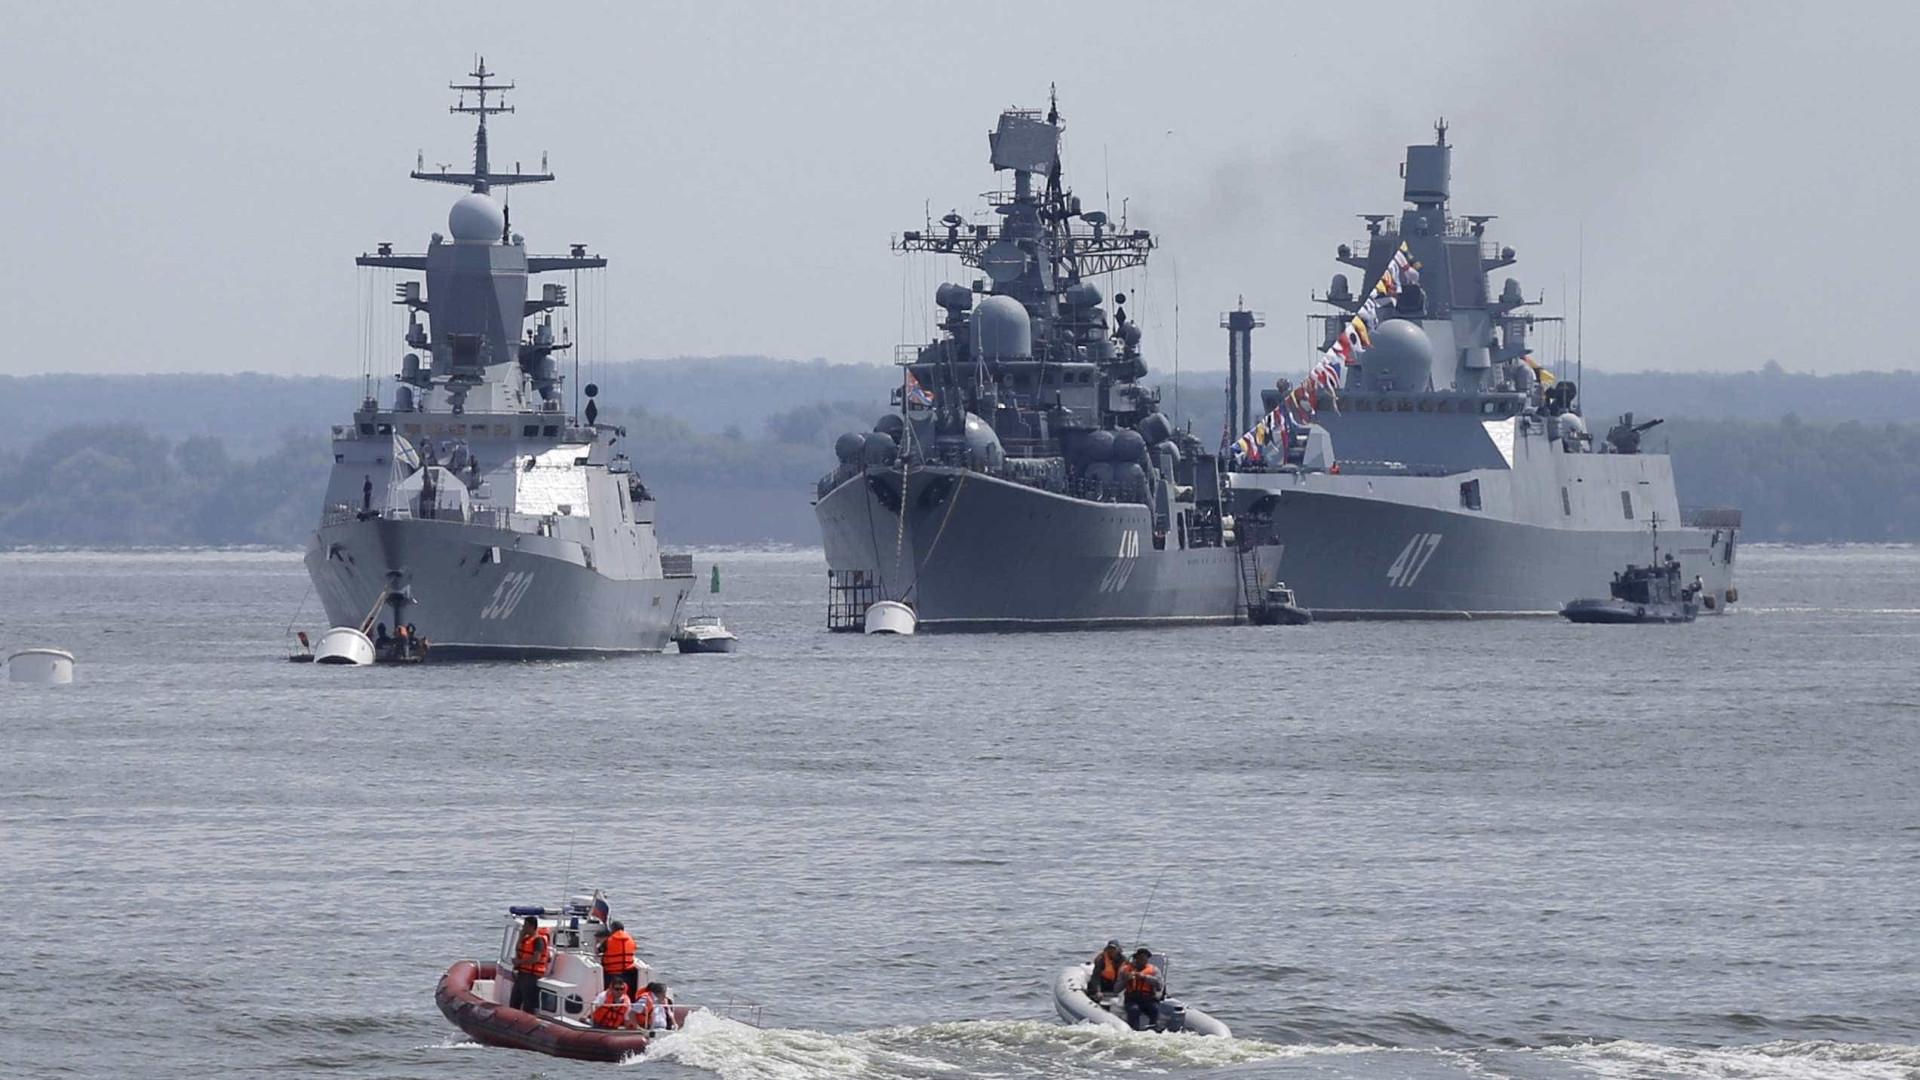 Marinha britânica escoltou barco de guerra russo em dia de Natal